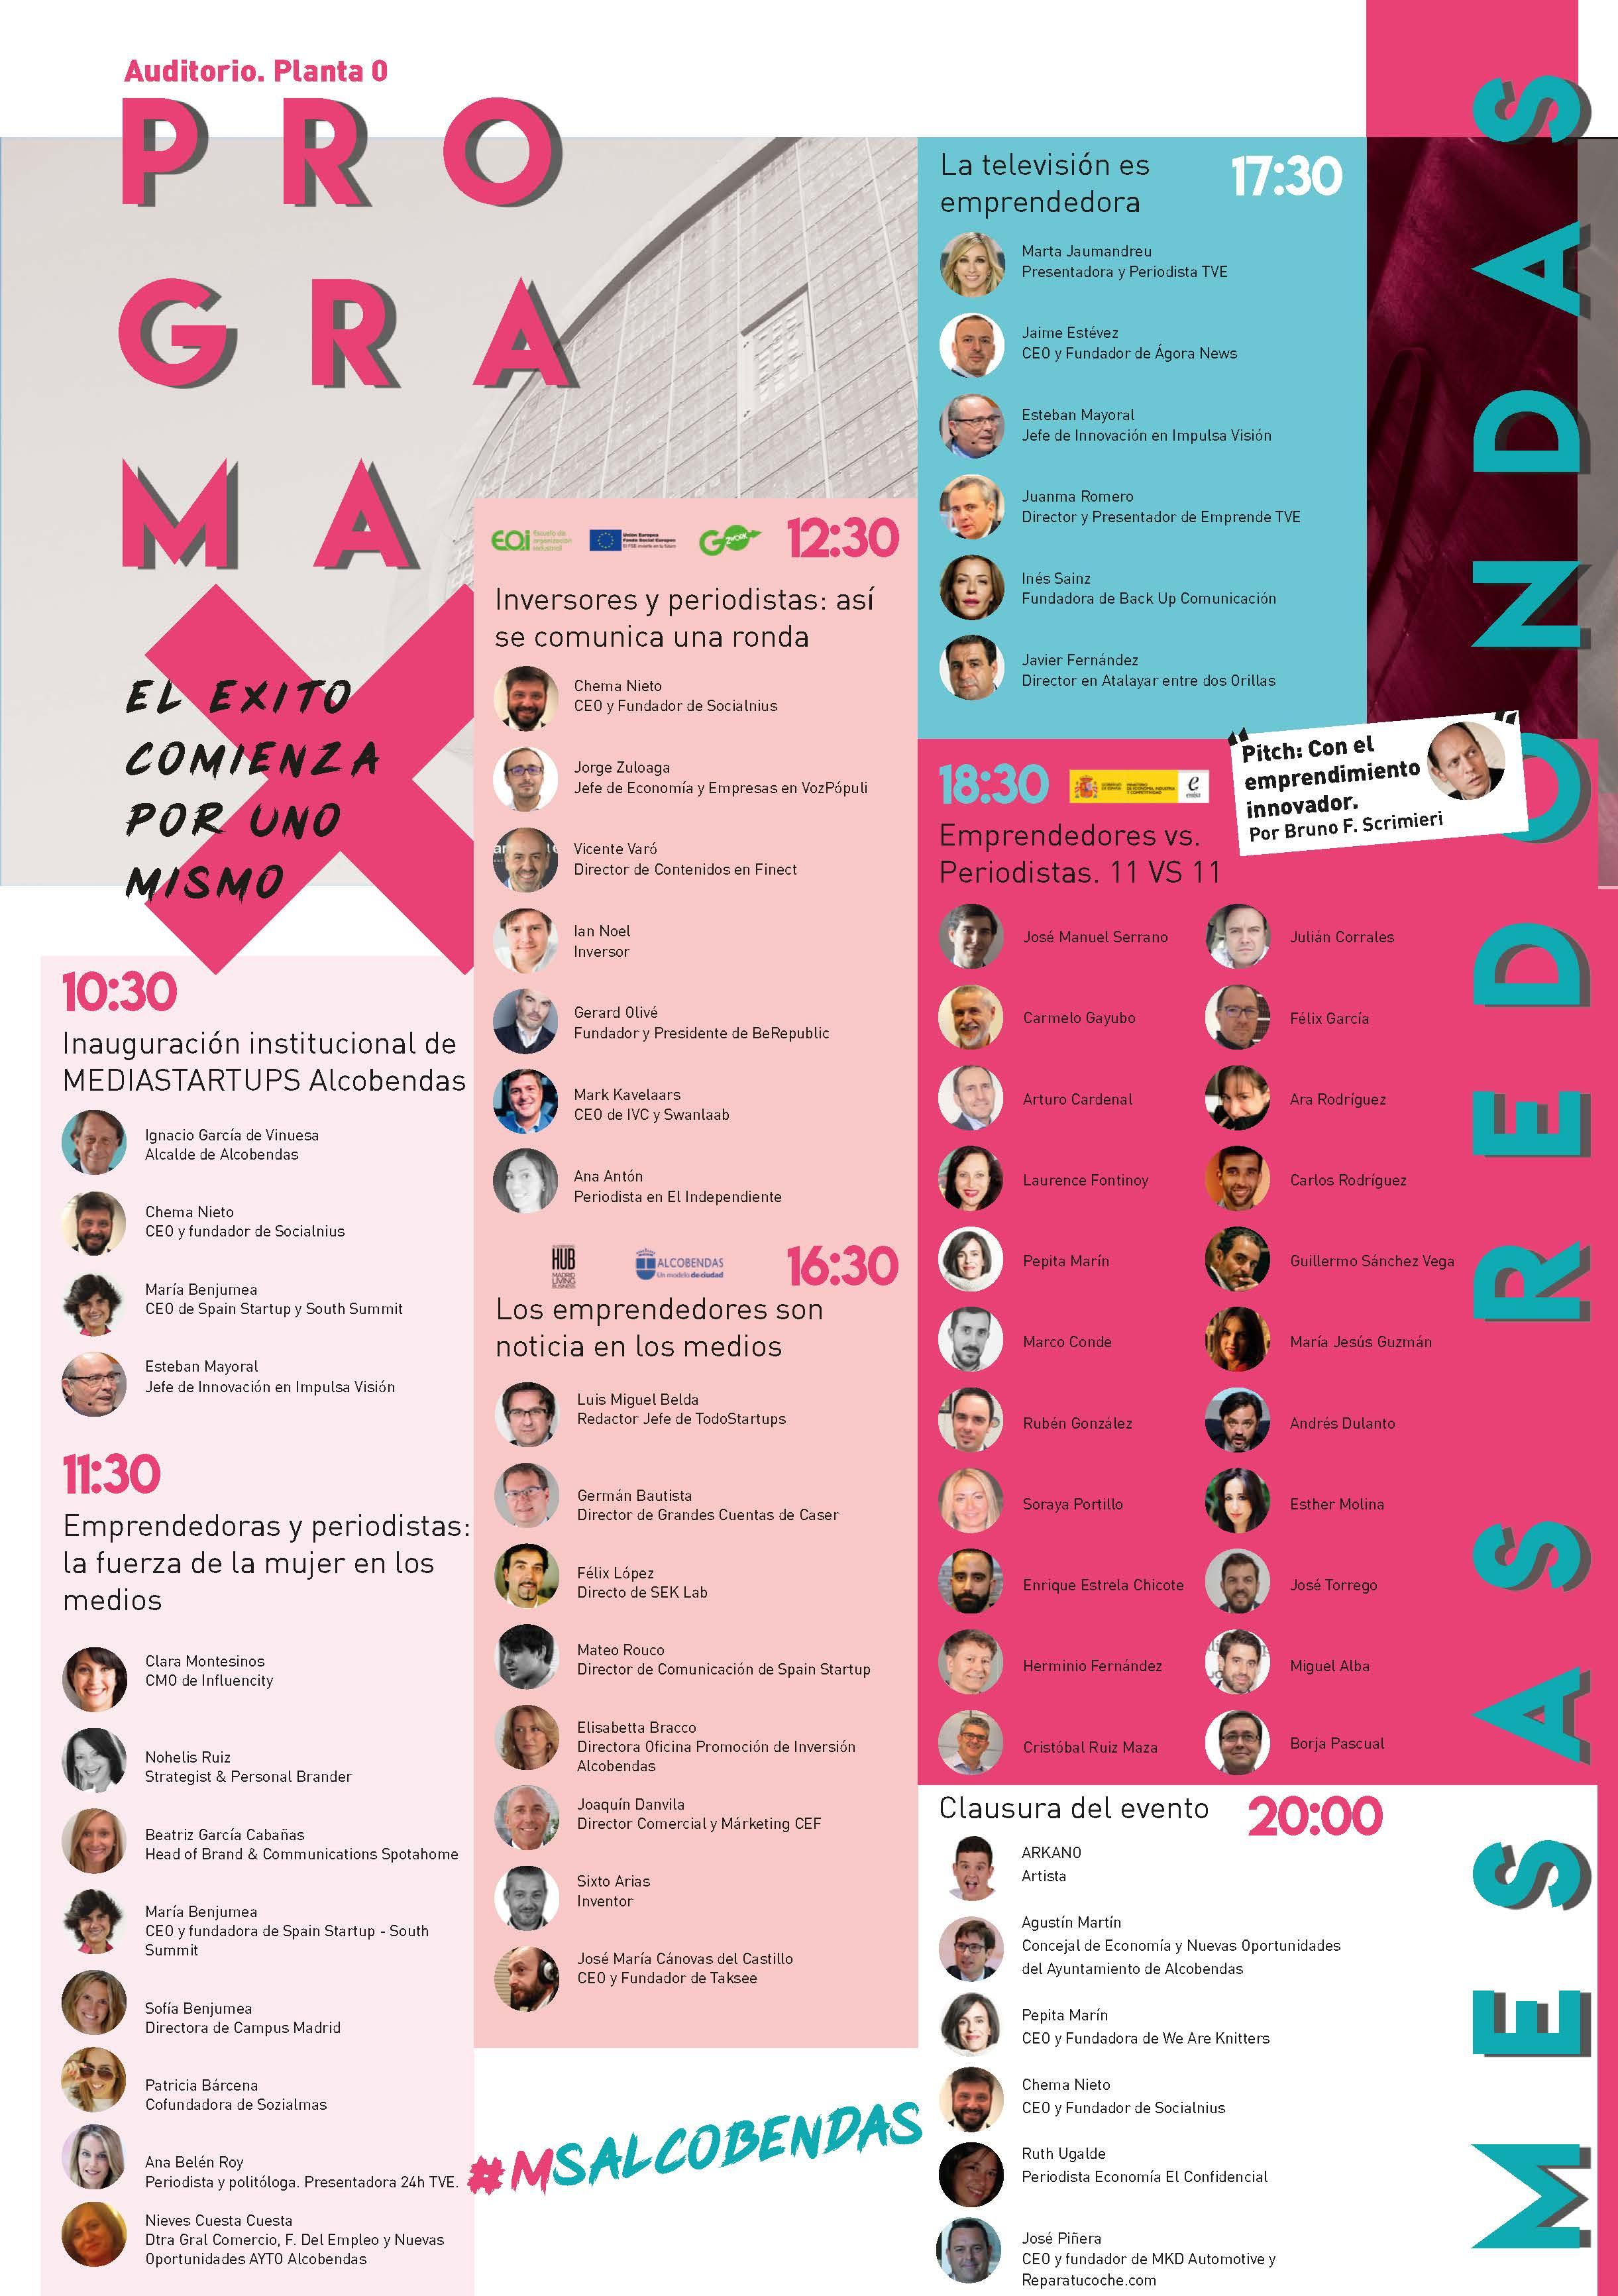 Más de 70 speakers, periodistas y emprendedores participan este jueves en Media Startups Alcobendas